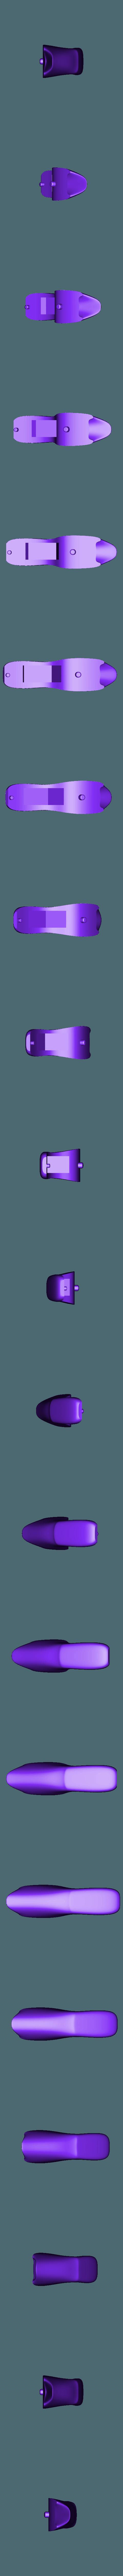 stock_top.stl Télécharger fichier STL gratuit EPIC 6 stage coilgun • Objet pour impression 3D, Gyro